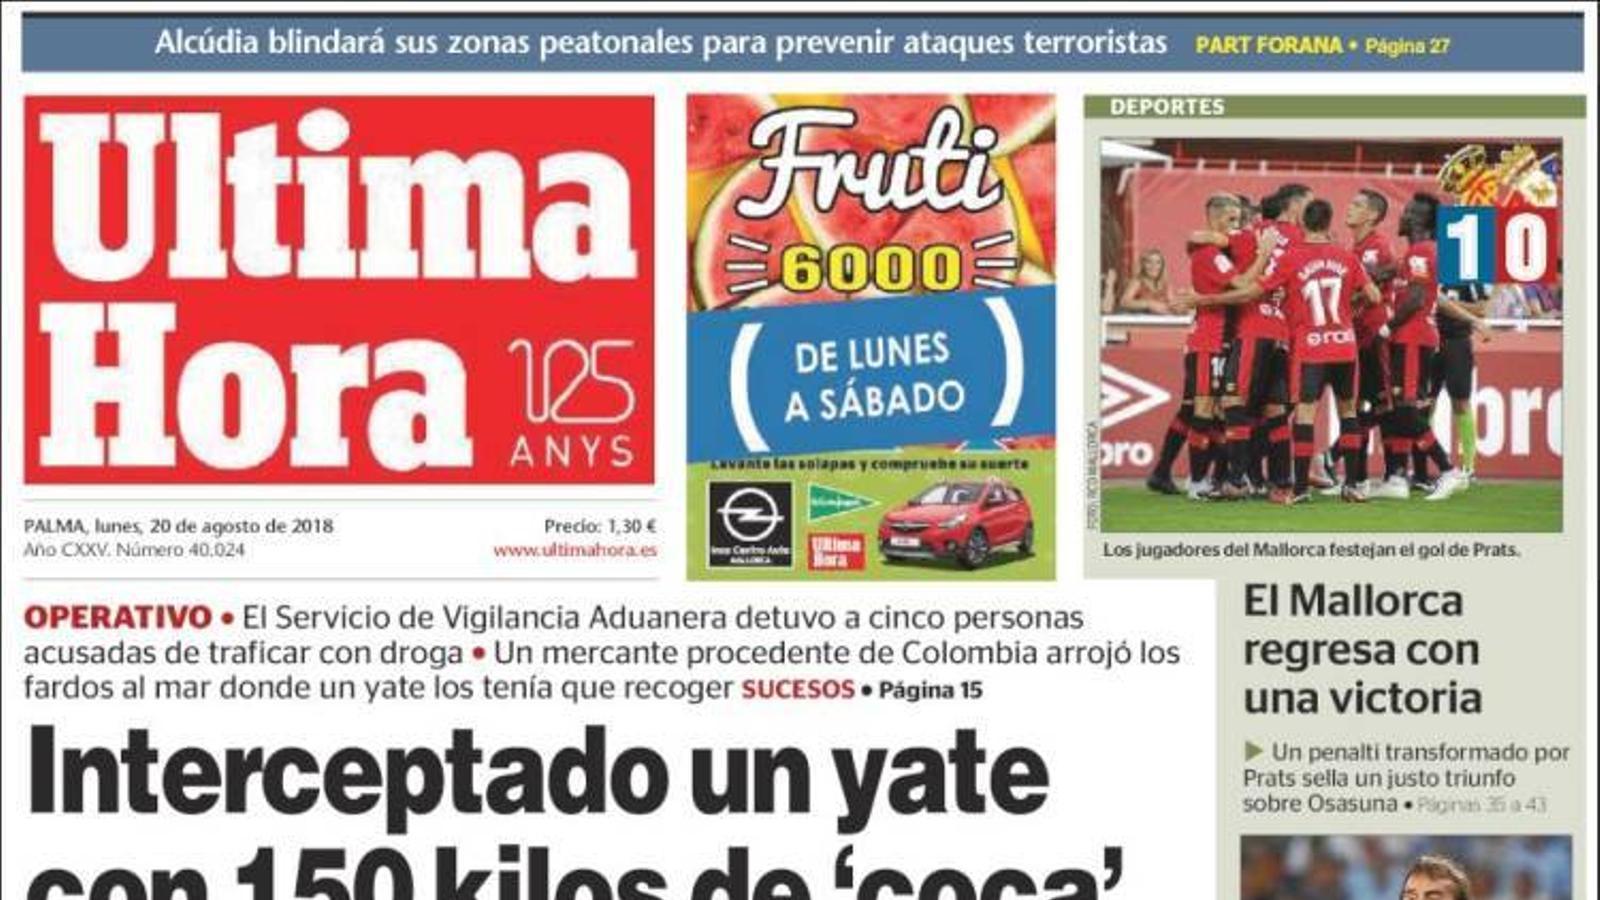 """""""Interceptat un iot amb 150 quilos de 'coca' entre Eivissa i Mallorca"""", portada de l''Última Hora'"""